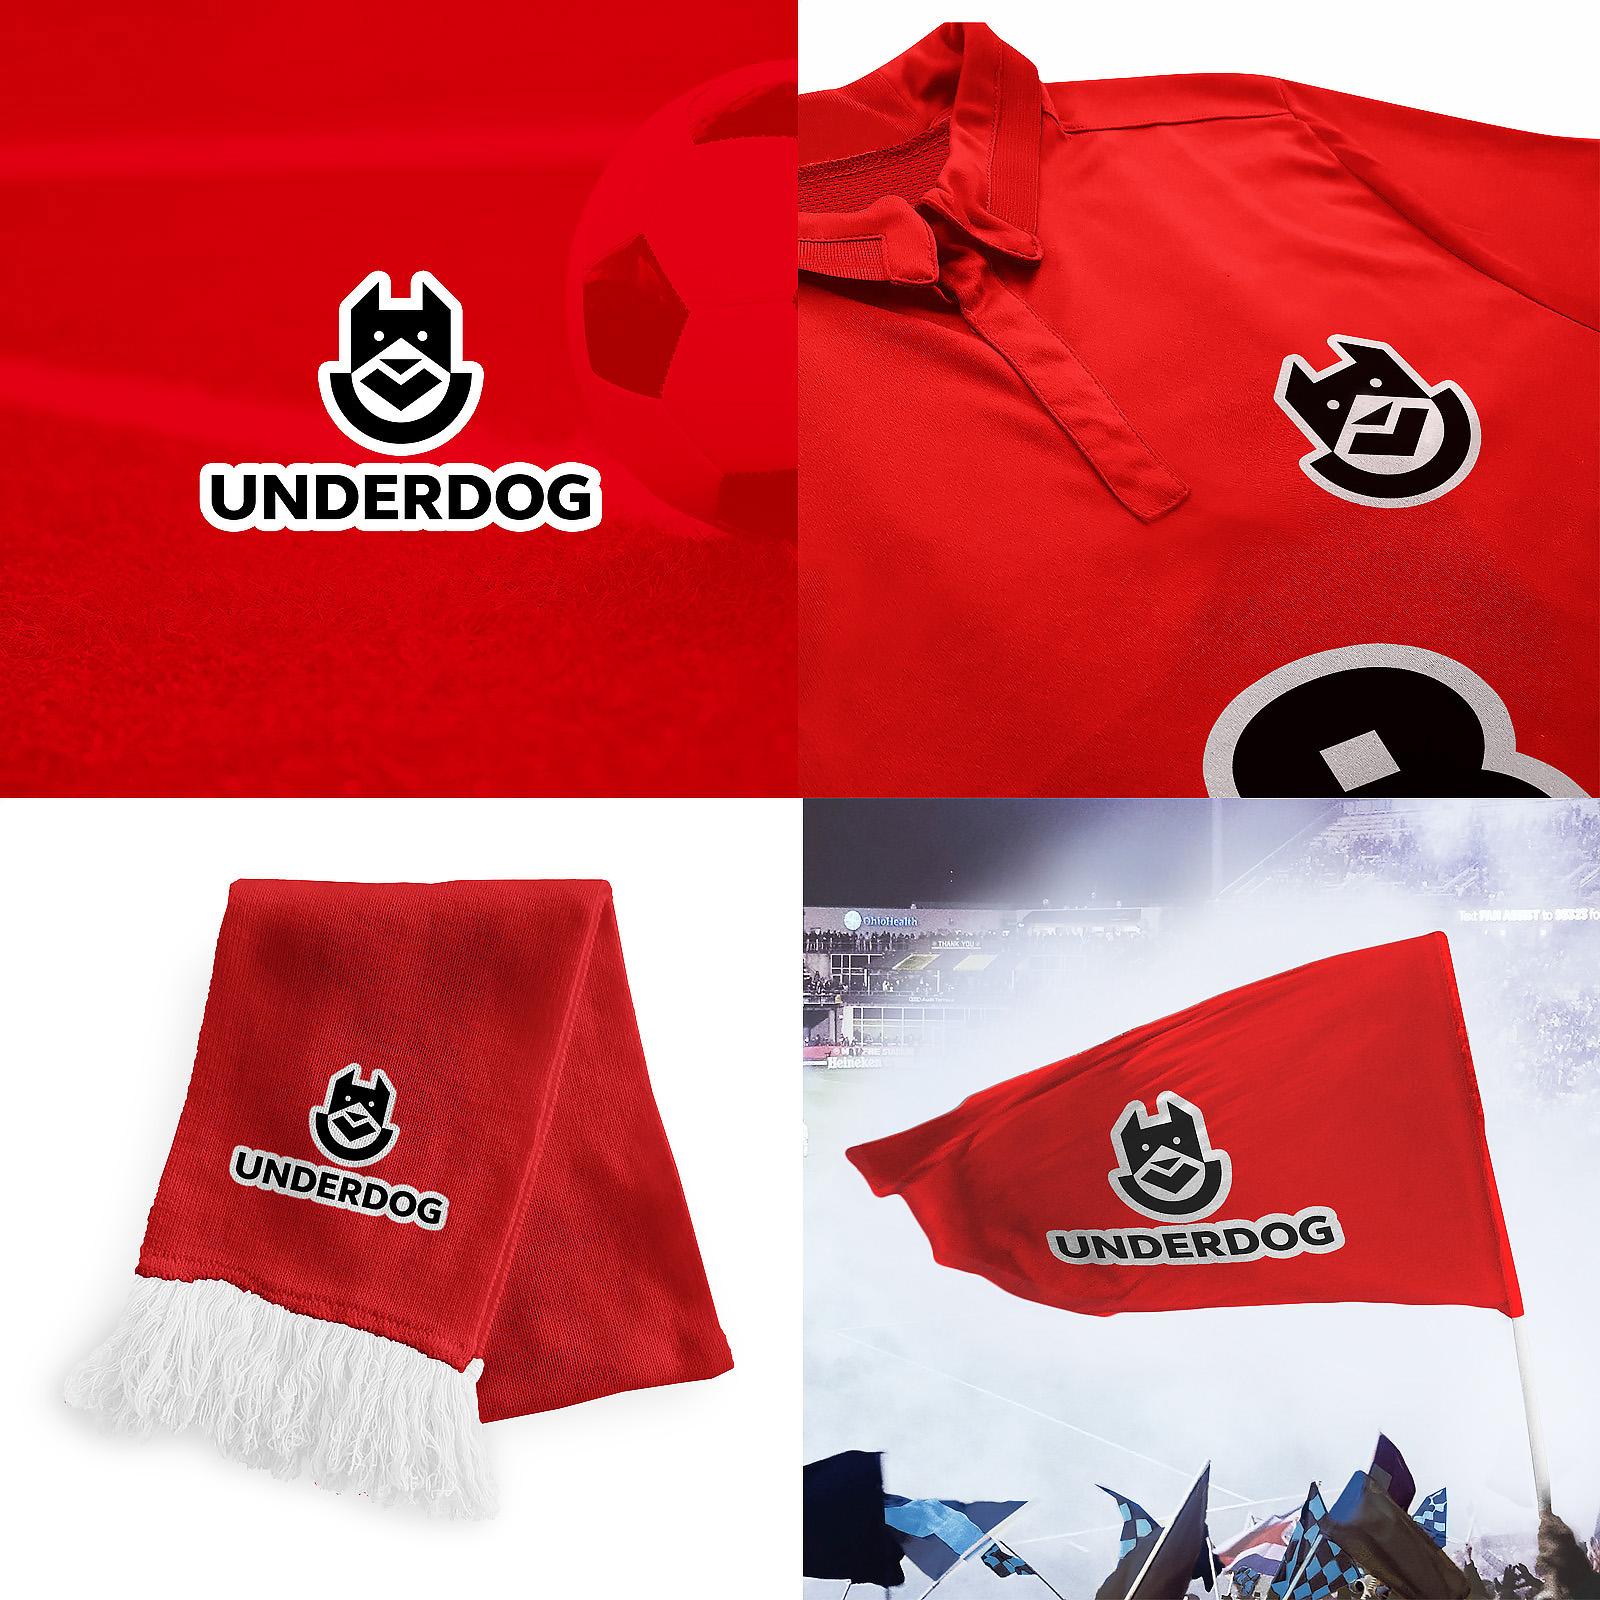 Футбольный клуб UNDERDOG - разработать фирстиль и бренд-бук фото f_4105caf648d00458.jpg